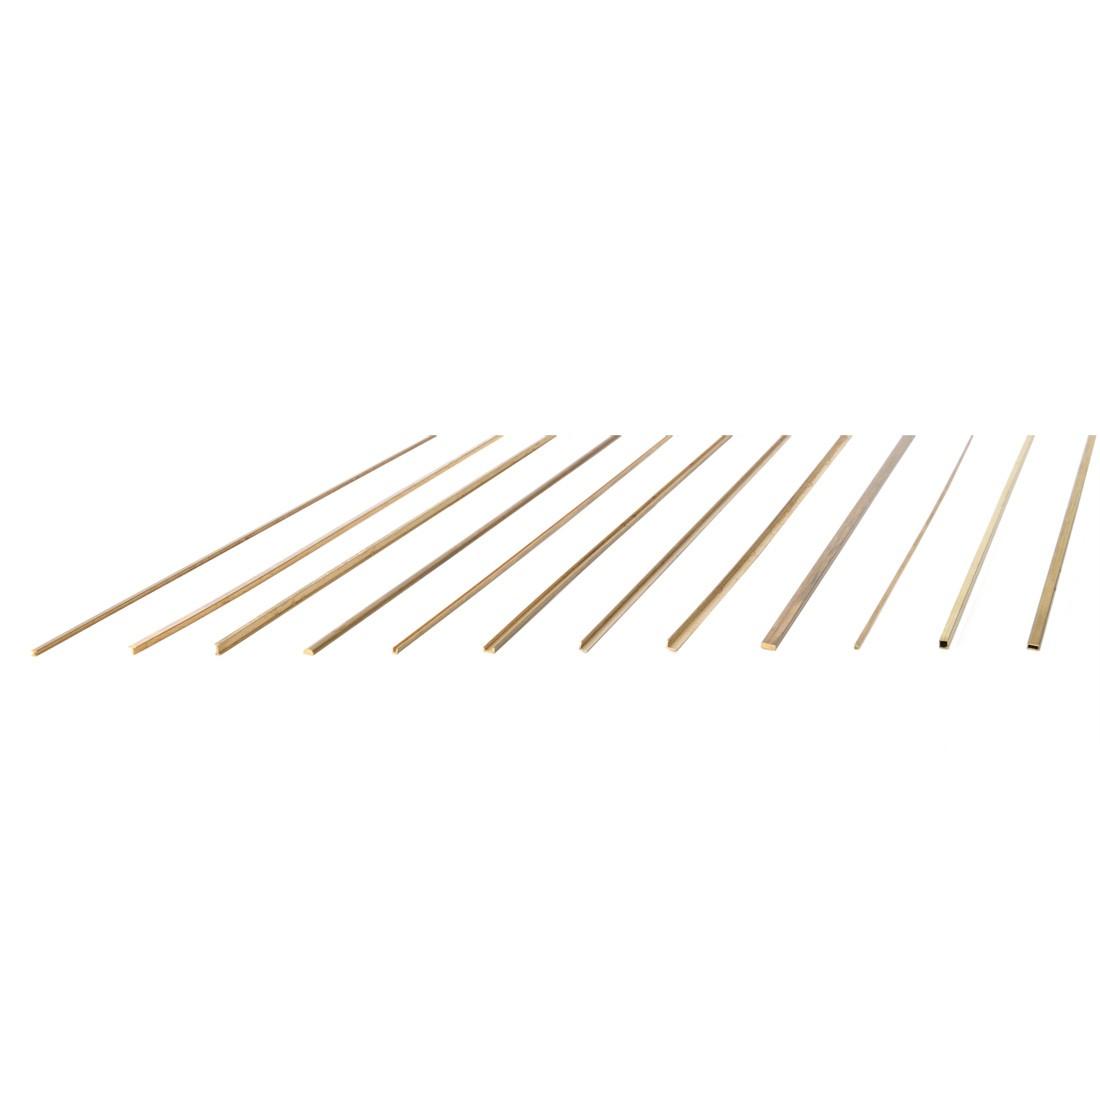 Microprofilati Semitondi Ottone mm. 2x4x500